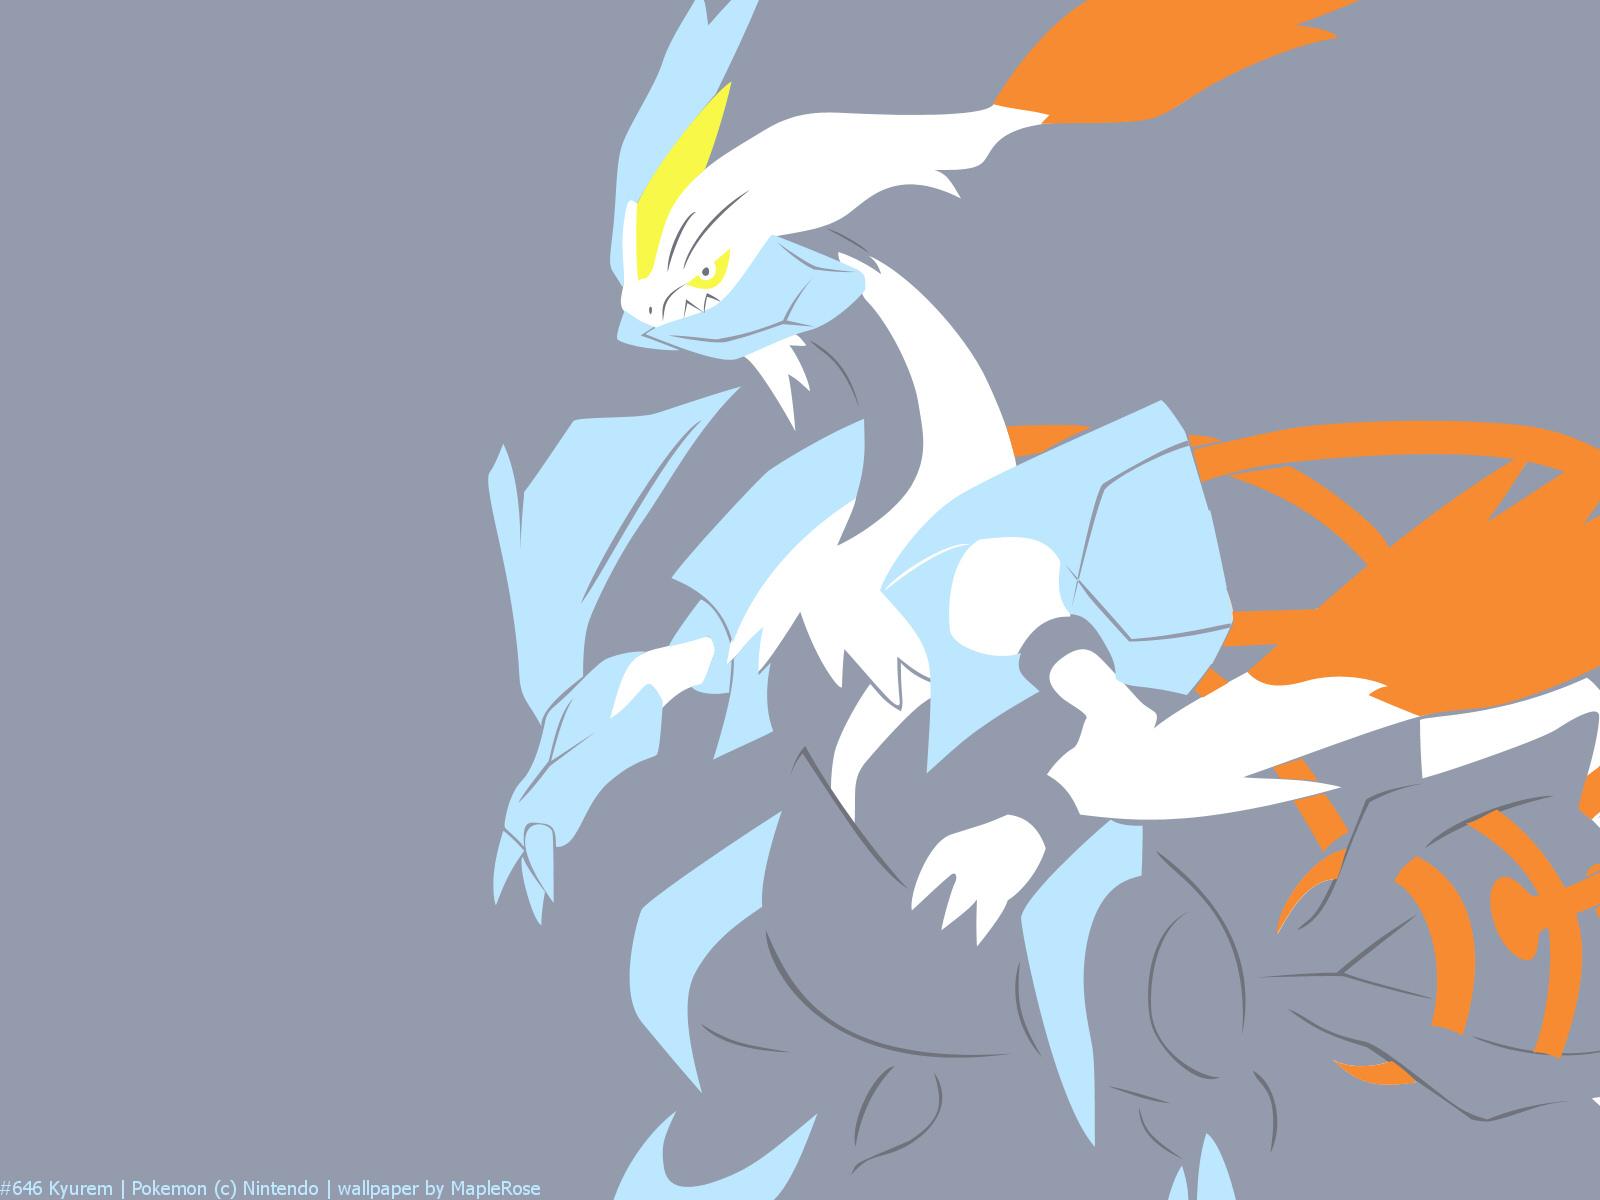 legendary ice pokemon - photo #15